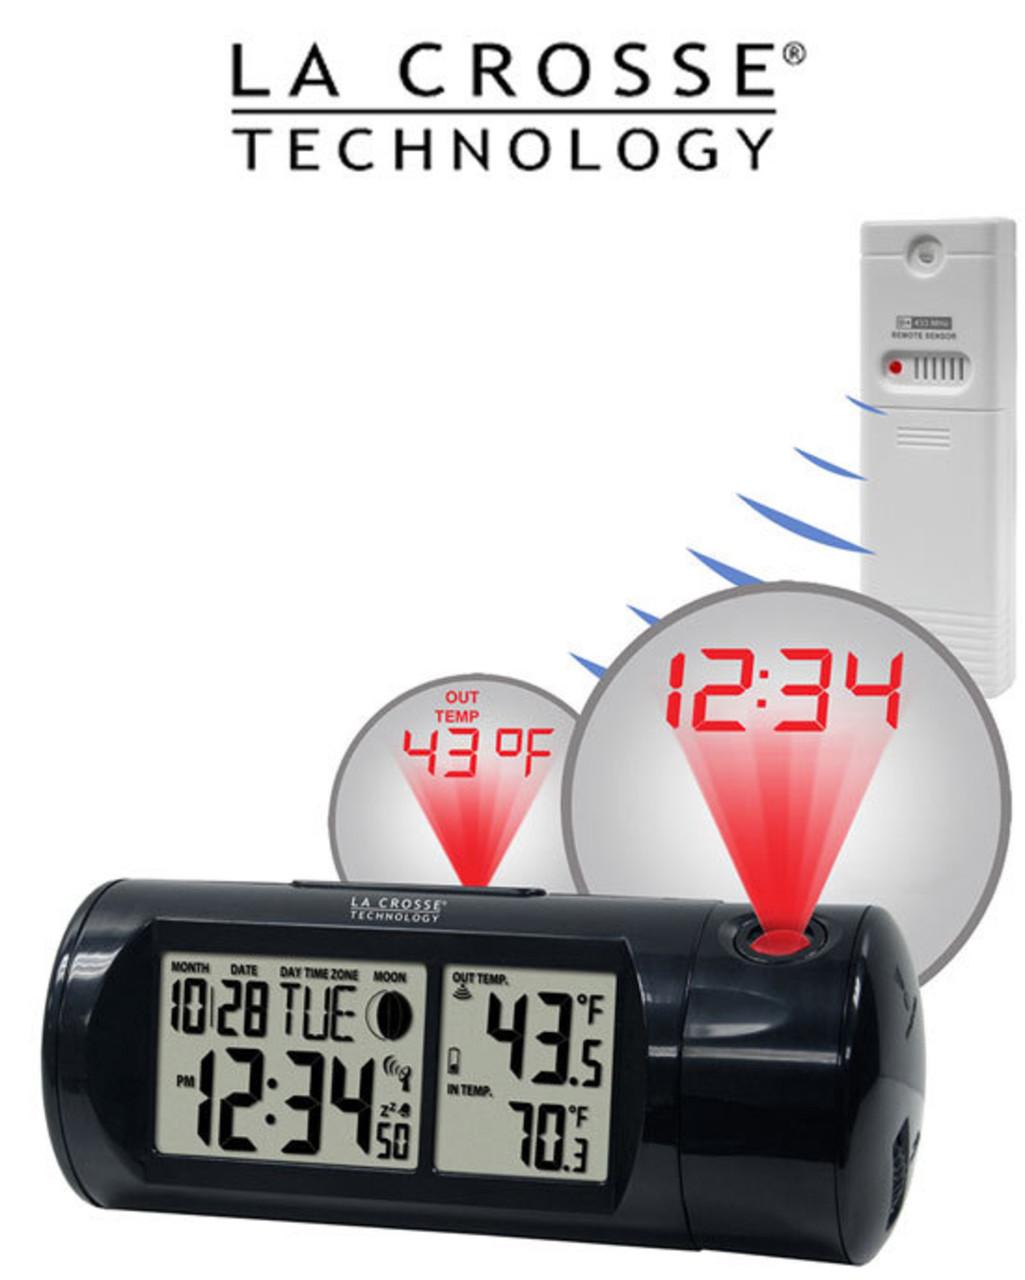 Outdoor digital clock